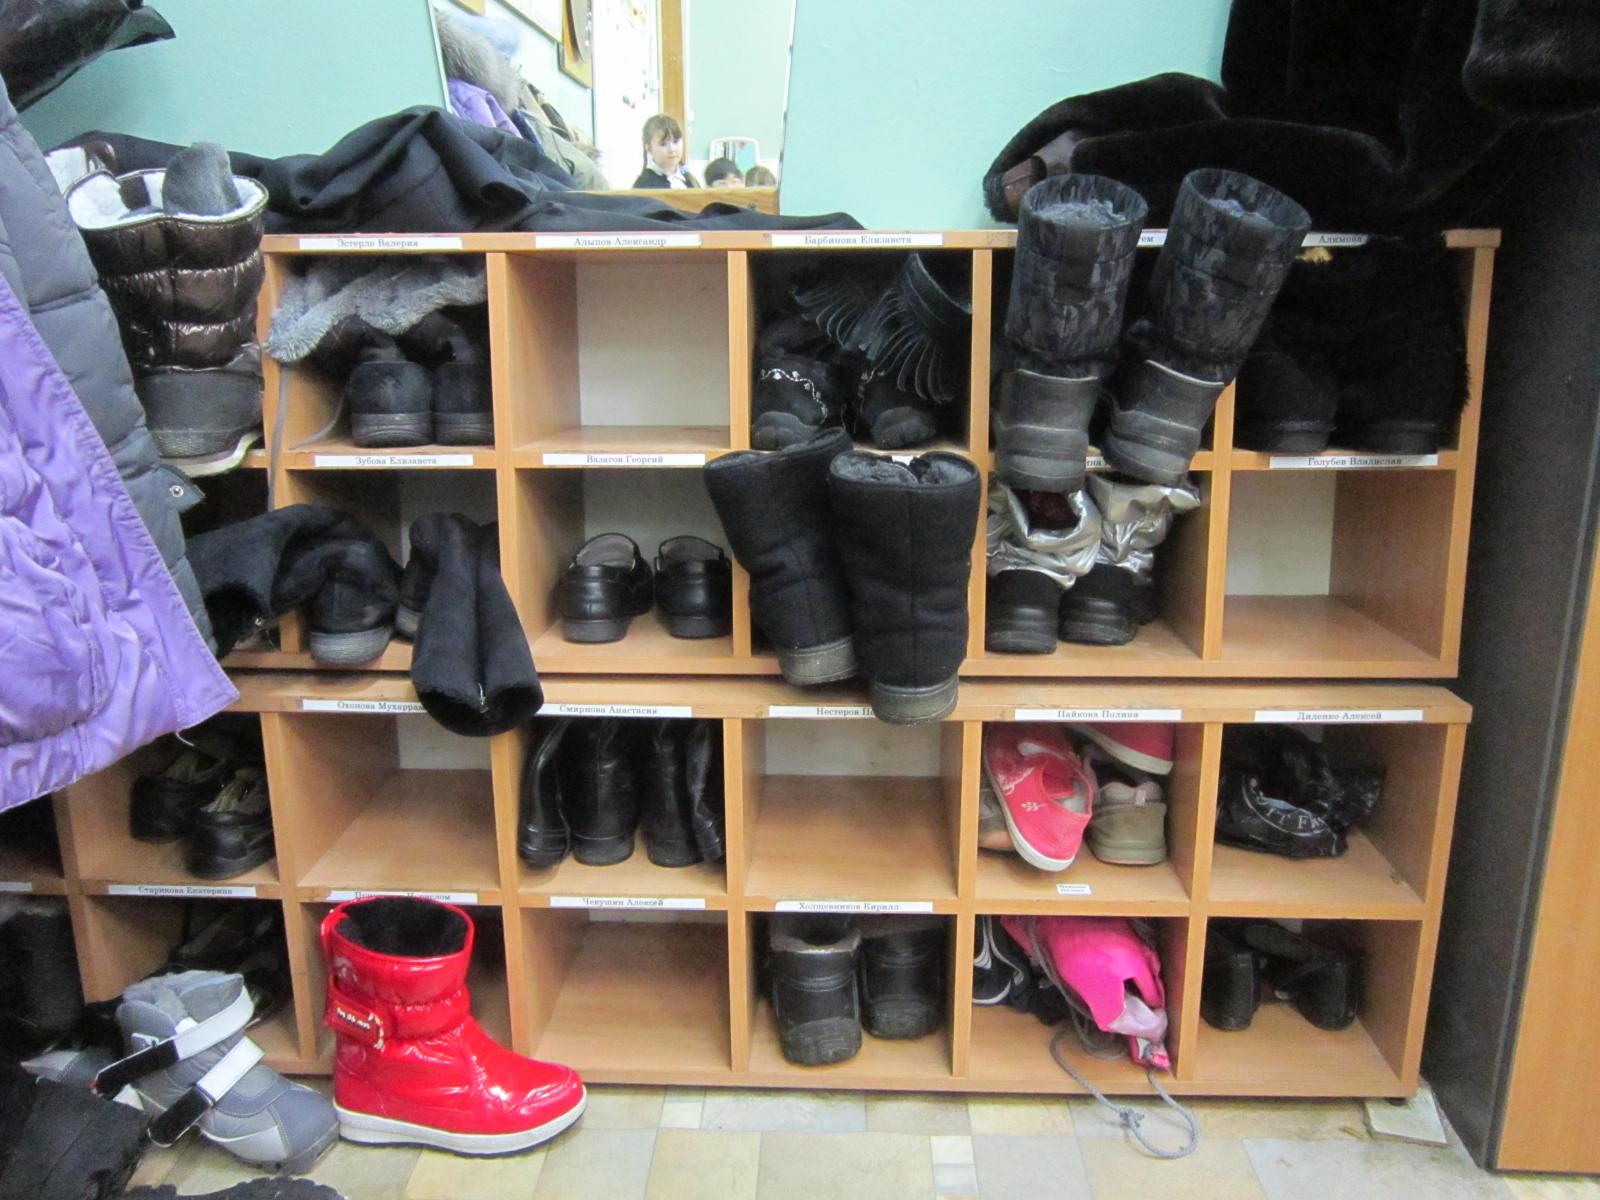 C:\Users\User\Desktop\Дети школы для проекта обувь\Изображение 026.jpg